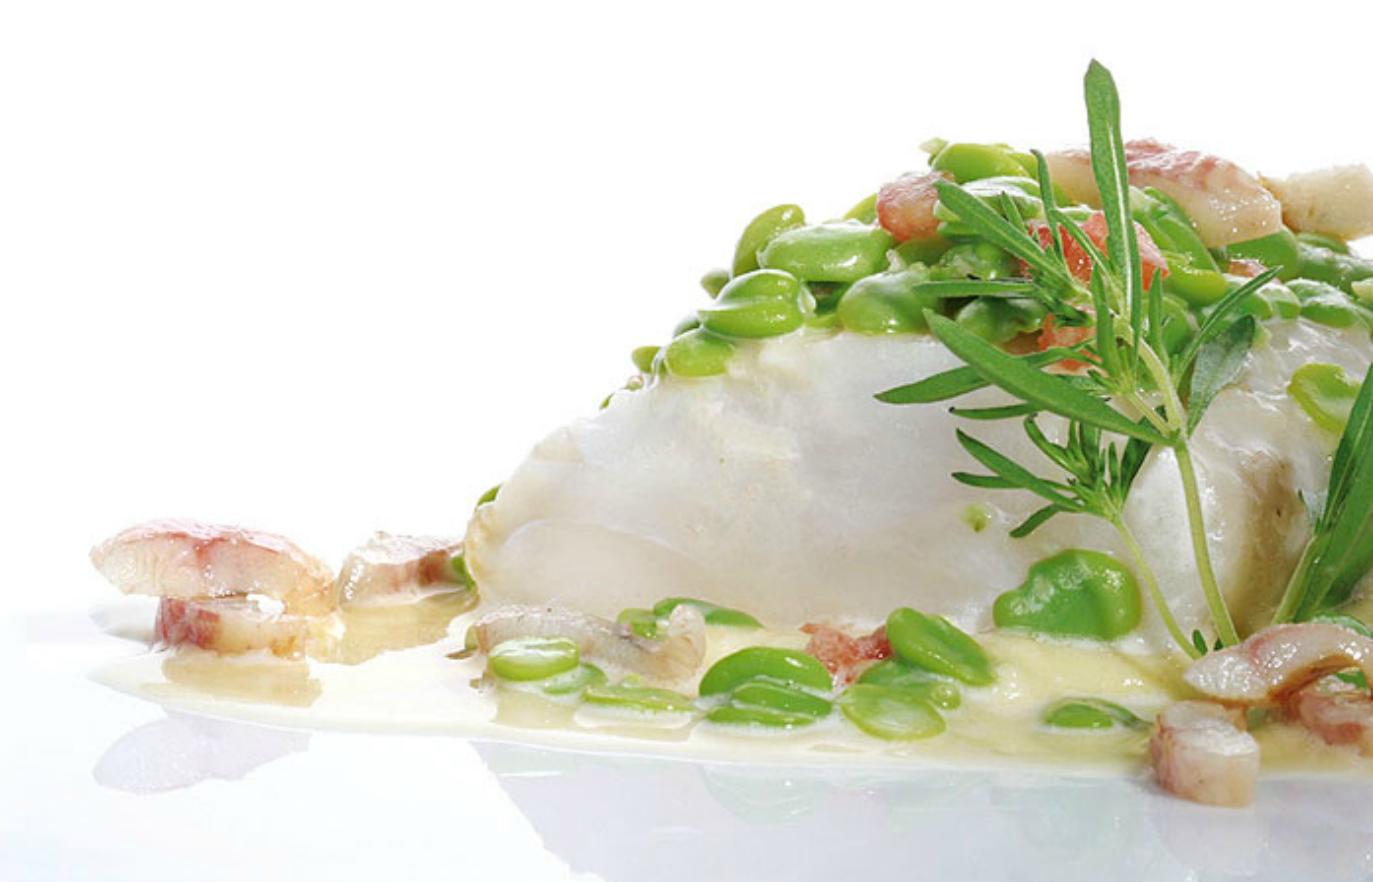 Nordsee K Chen nordsee steinbutt restaurant im schiffchen düsseldorf kaiserswerth